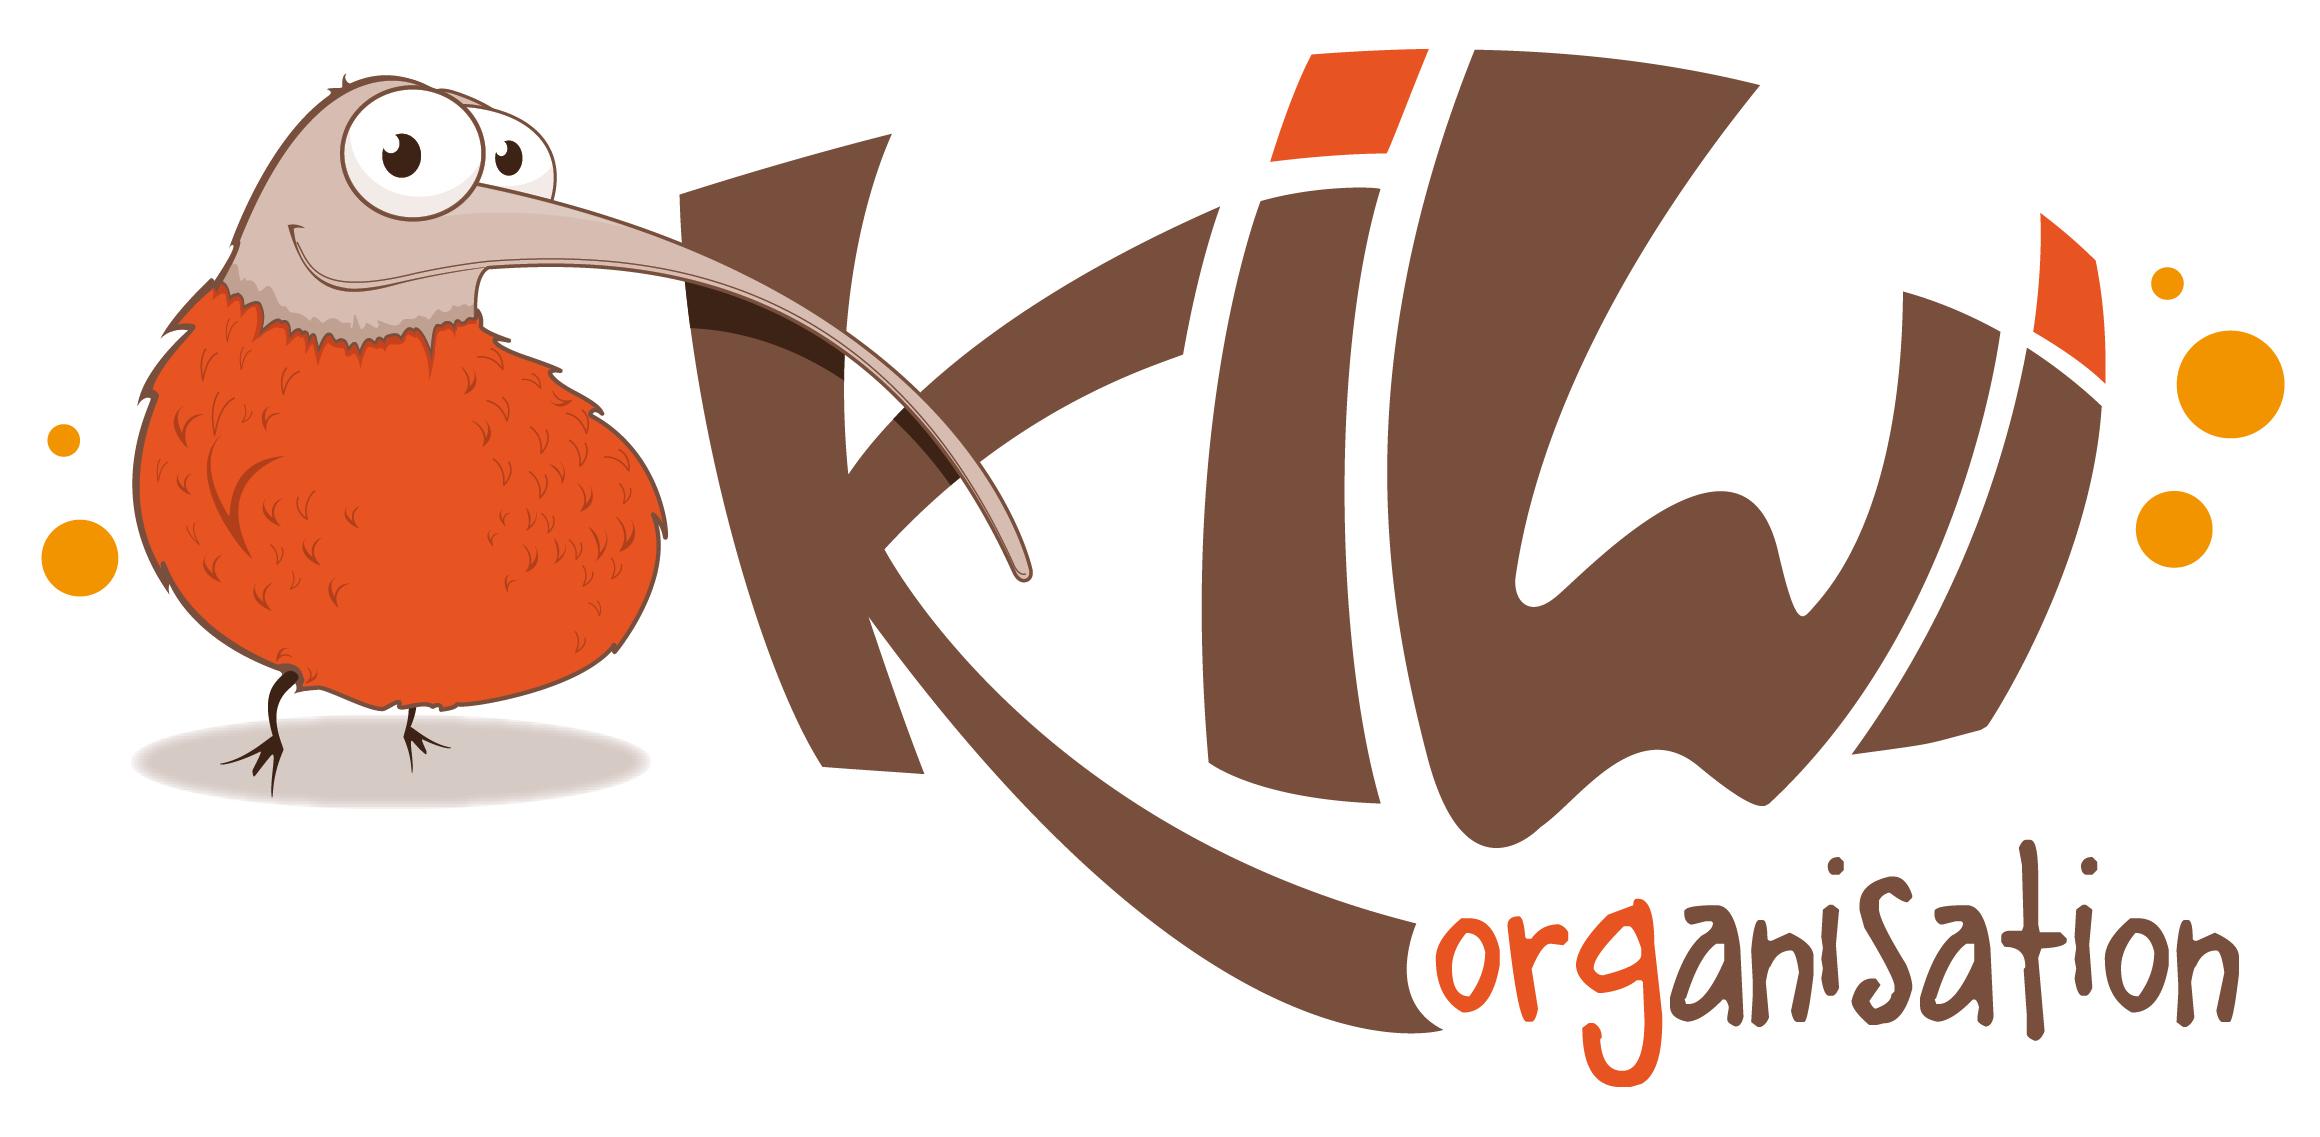 Kiwi Organisationr